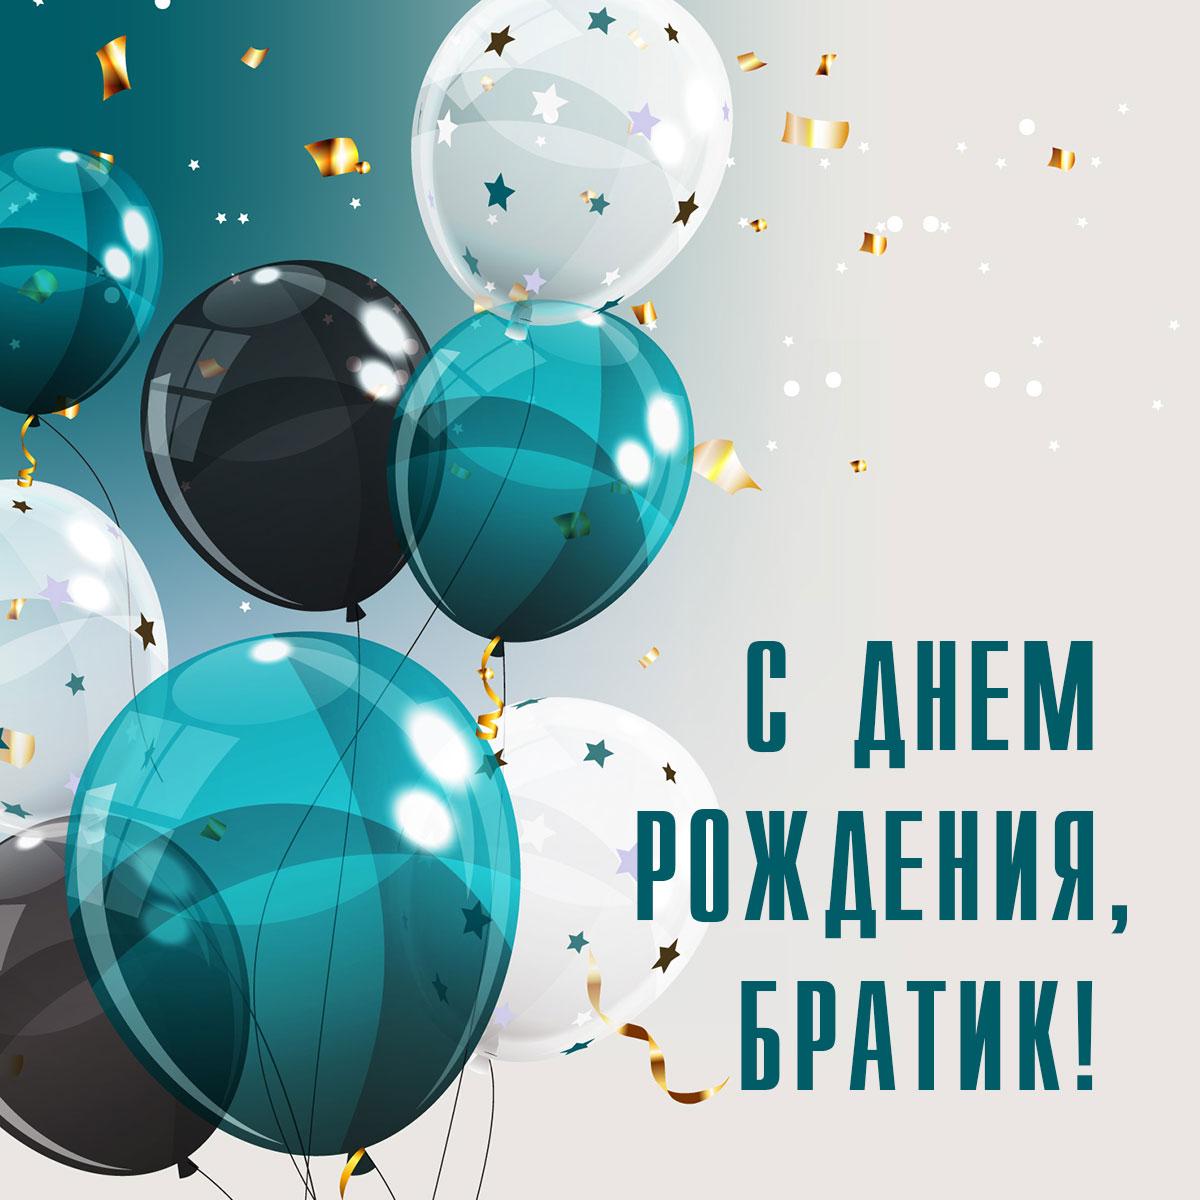 Картинка с текстом и круглыми воздушными шарами бирюзового цвета.